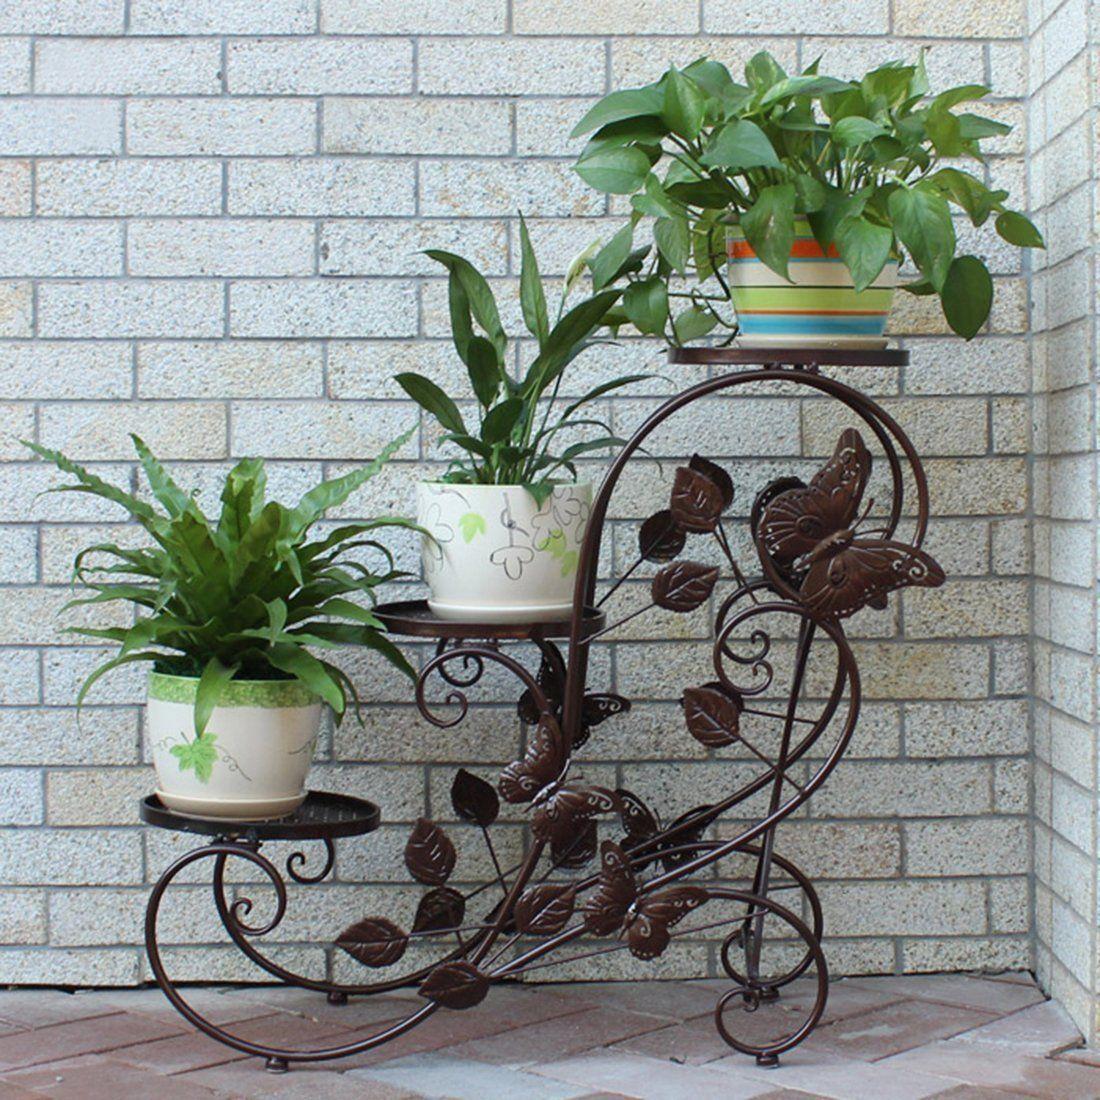 Hlc 3 macetas y macetero modelo 73 cm plantas soporte - Soportes para macetas ...